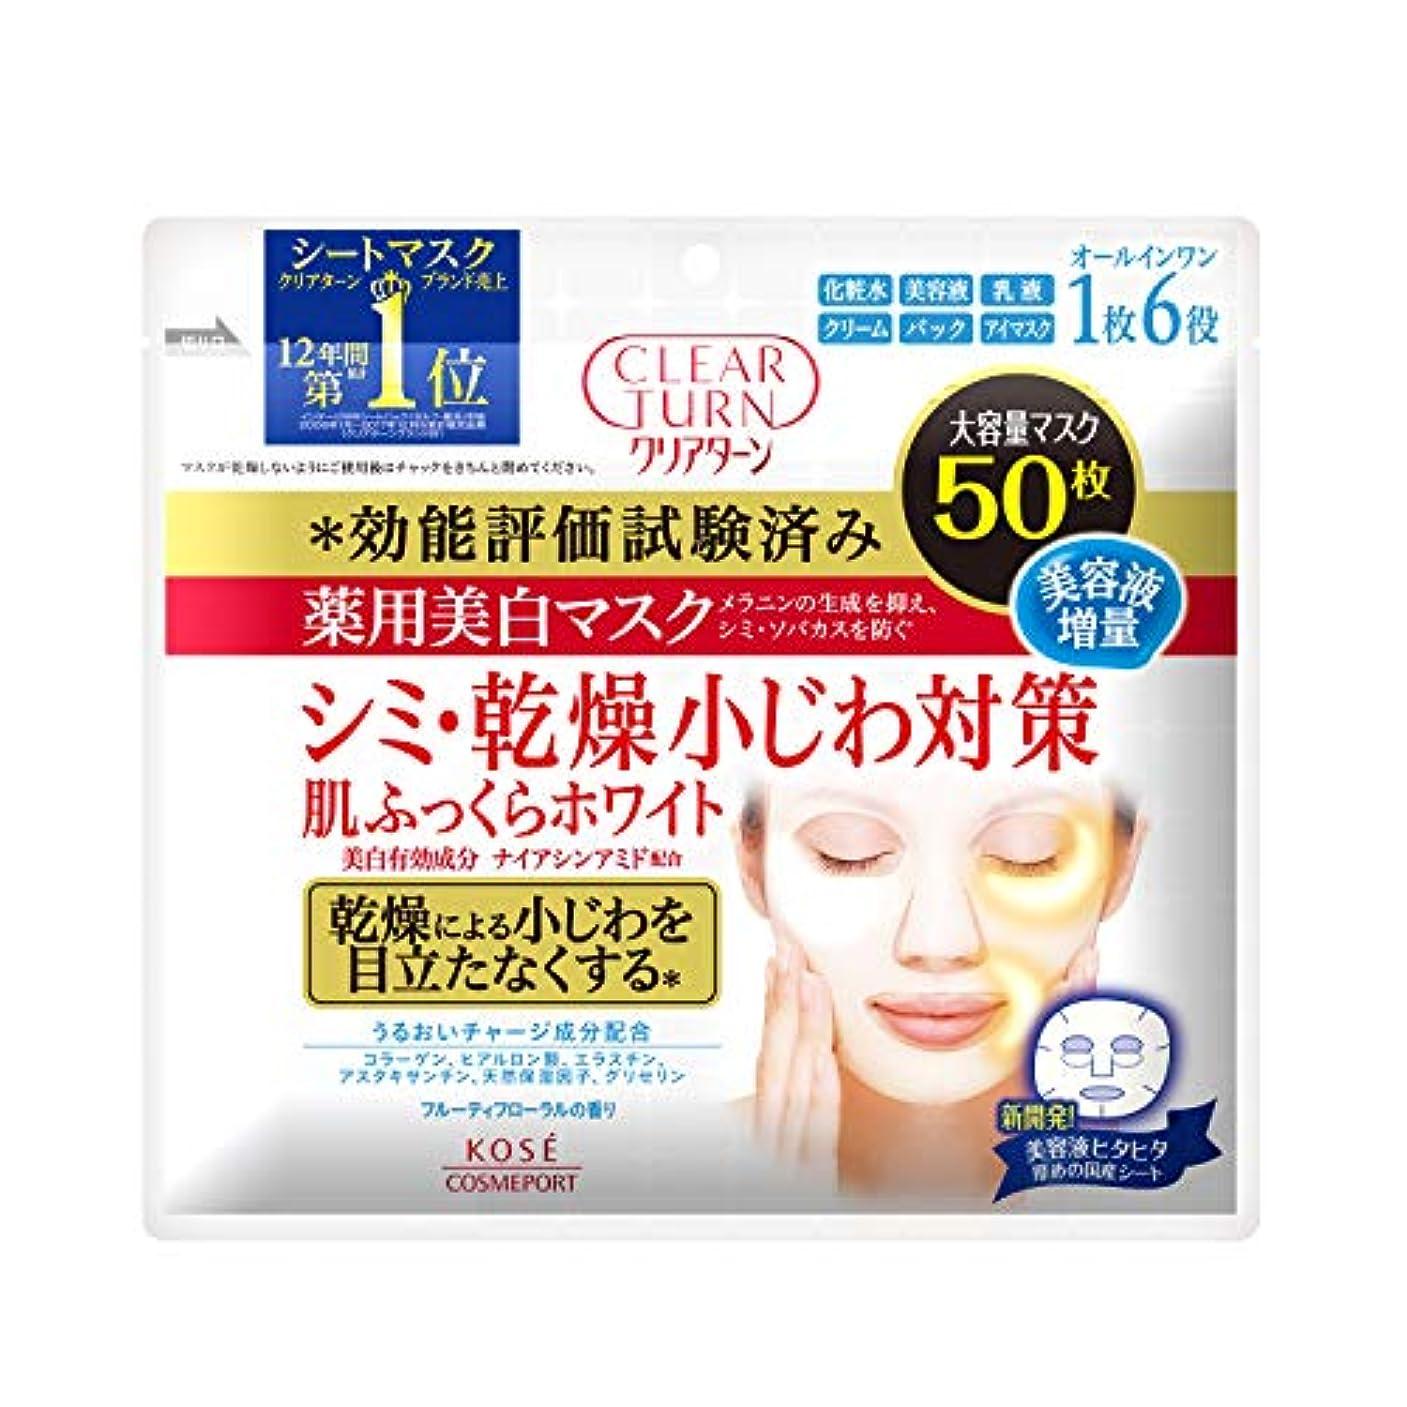 仕事エール血統KOSE コーセー クリアターン 薬用美白 肌ホワイト マスク 50枚 フェイスマスク (医薬部外品)